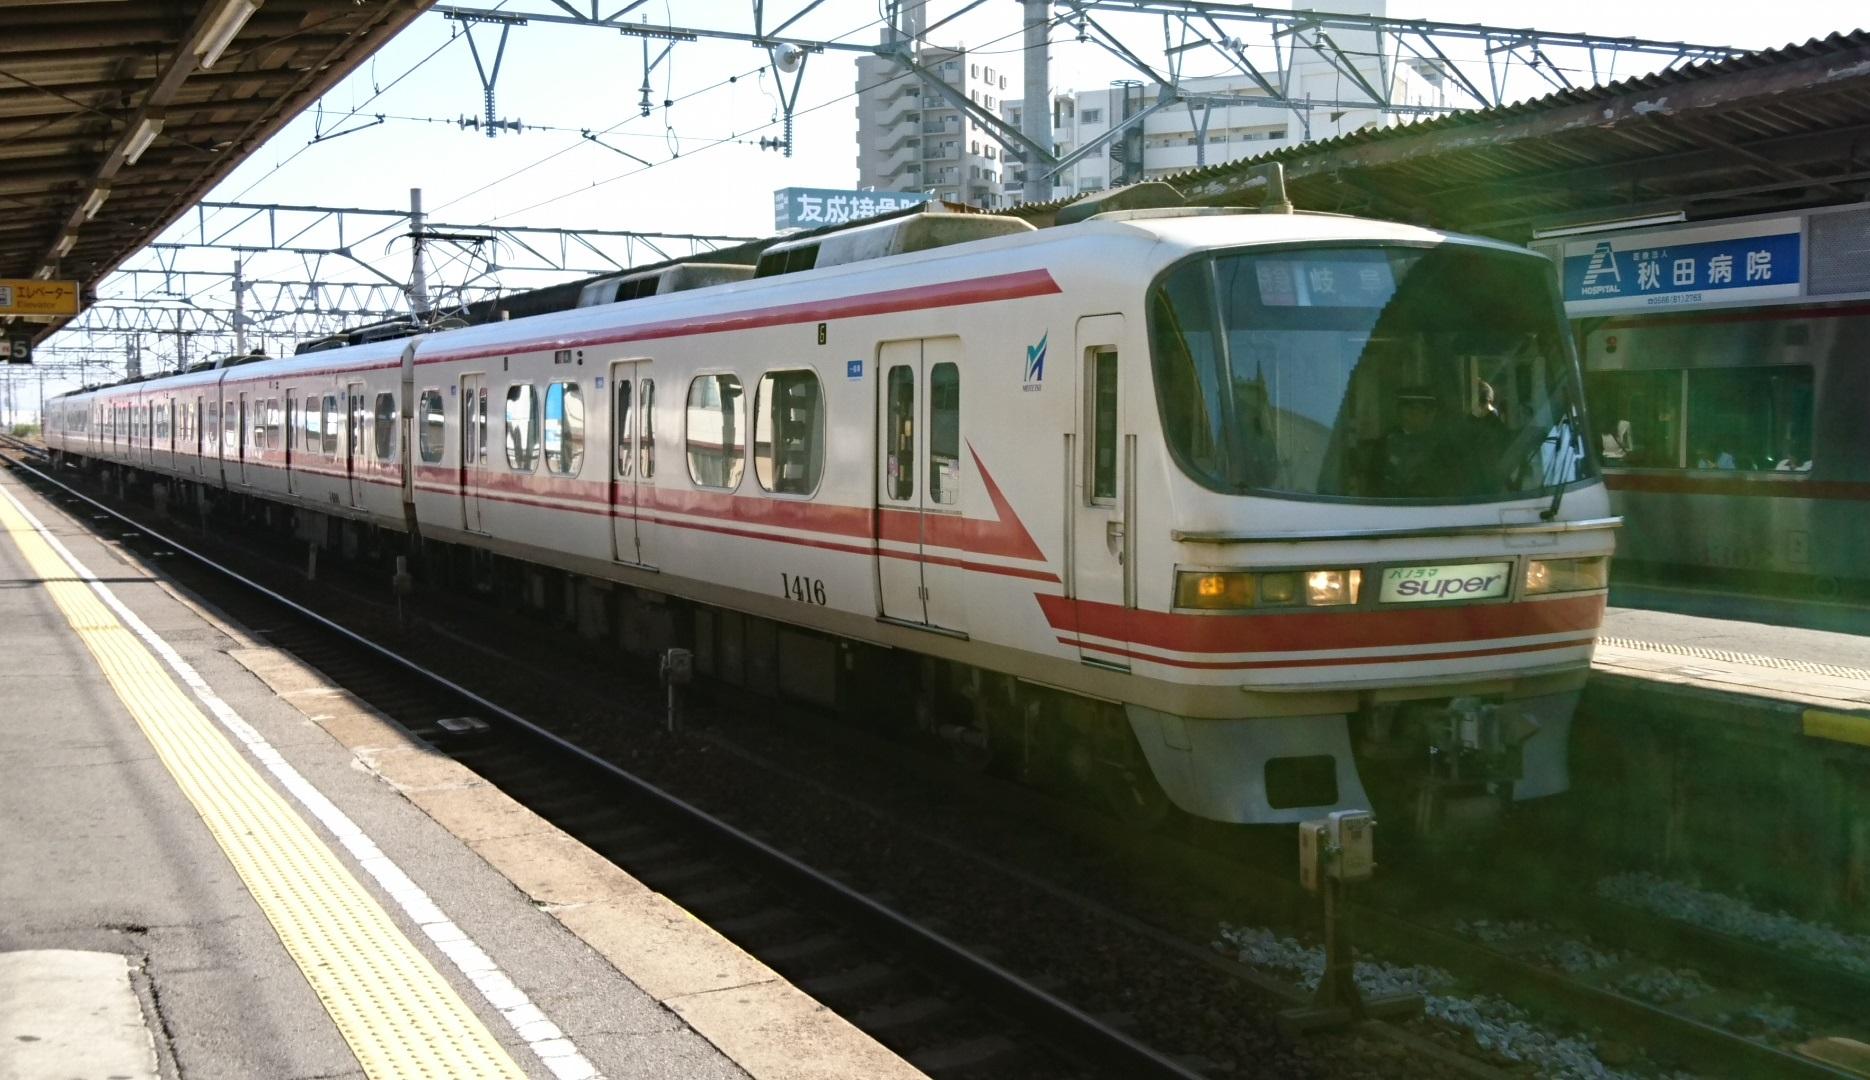 2016.11.5 (5) しんあんじょう - 岐阜いき特急